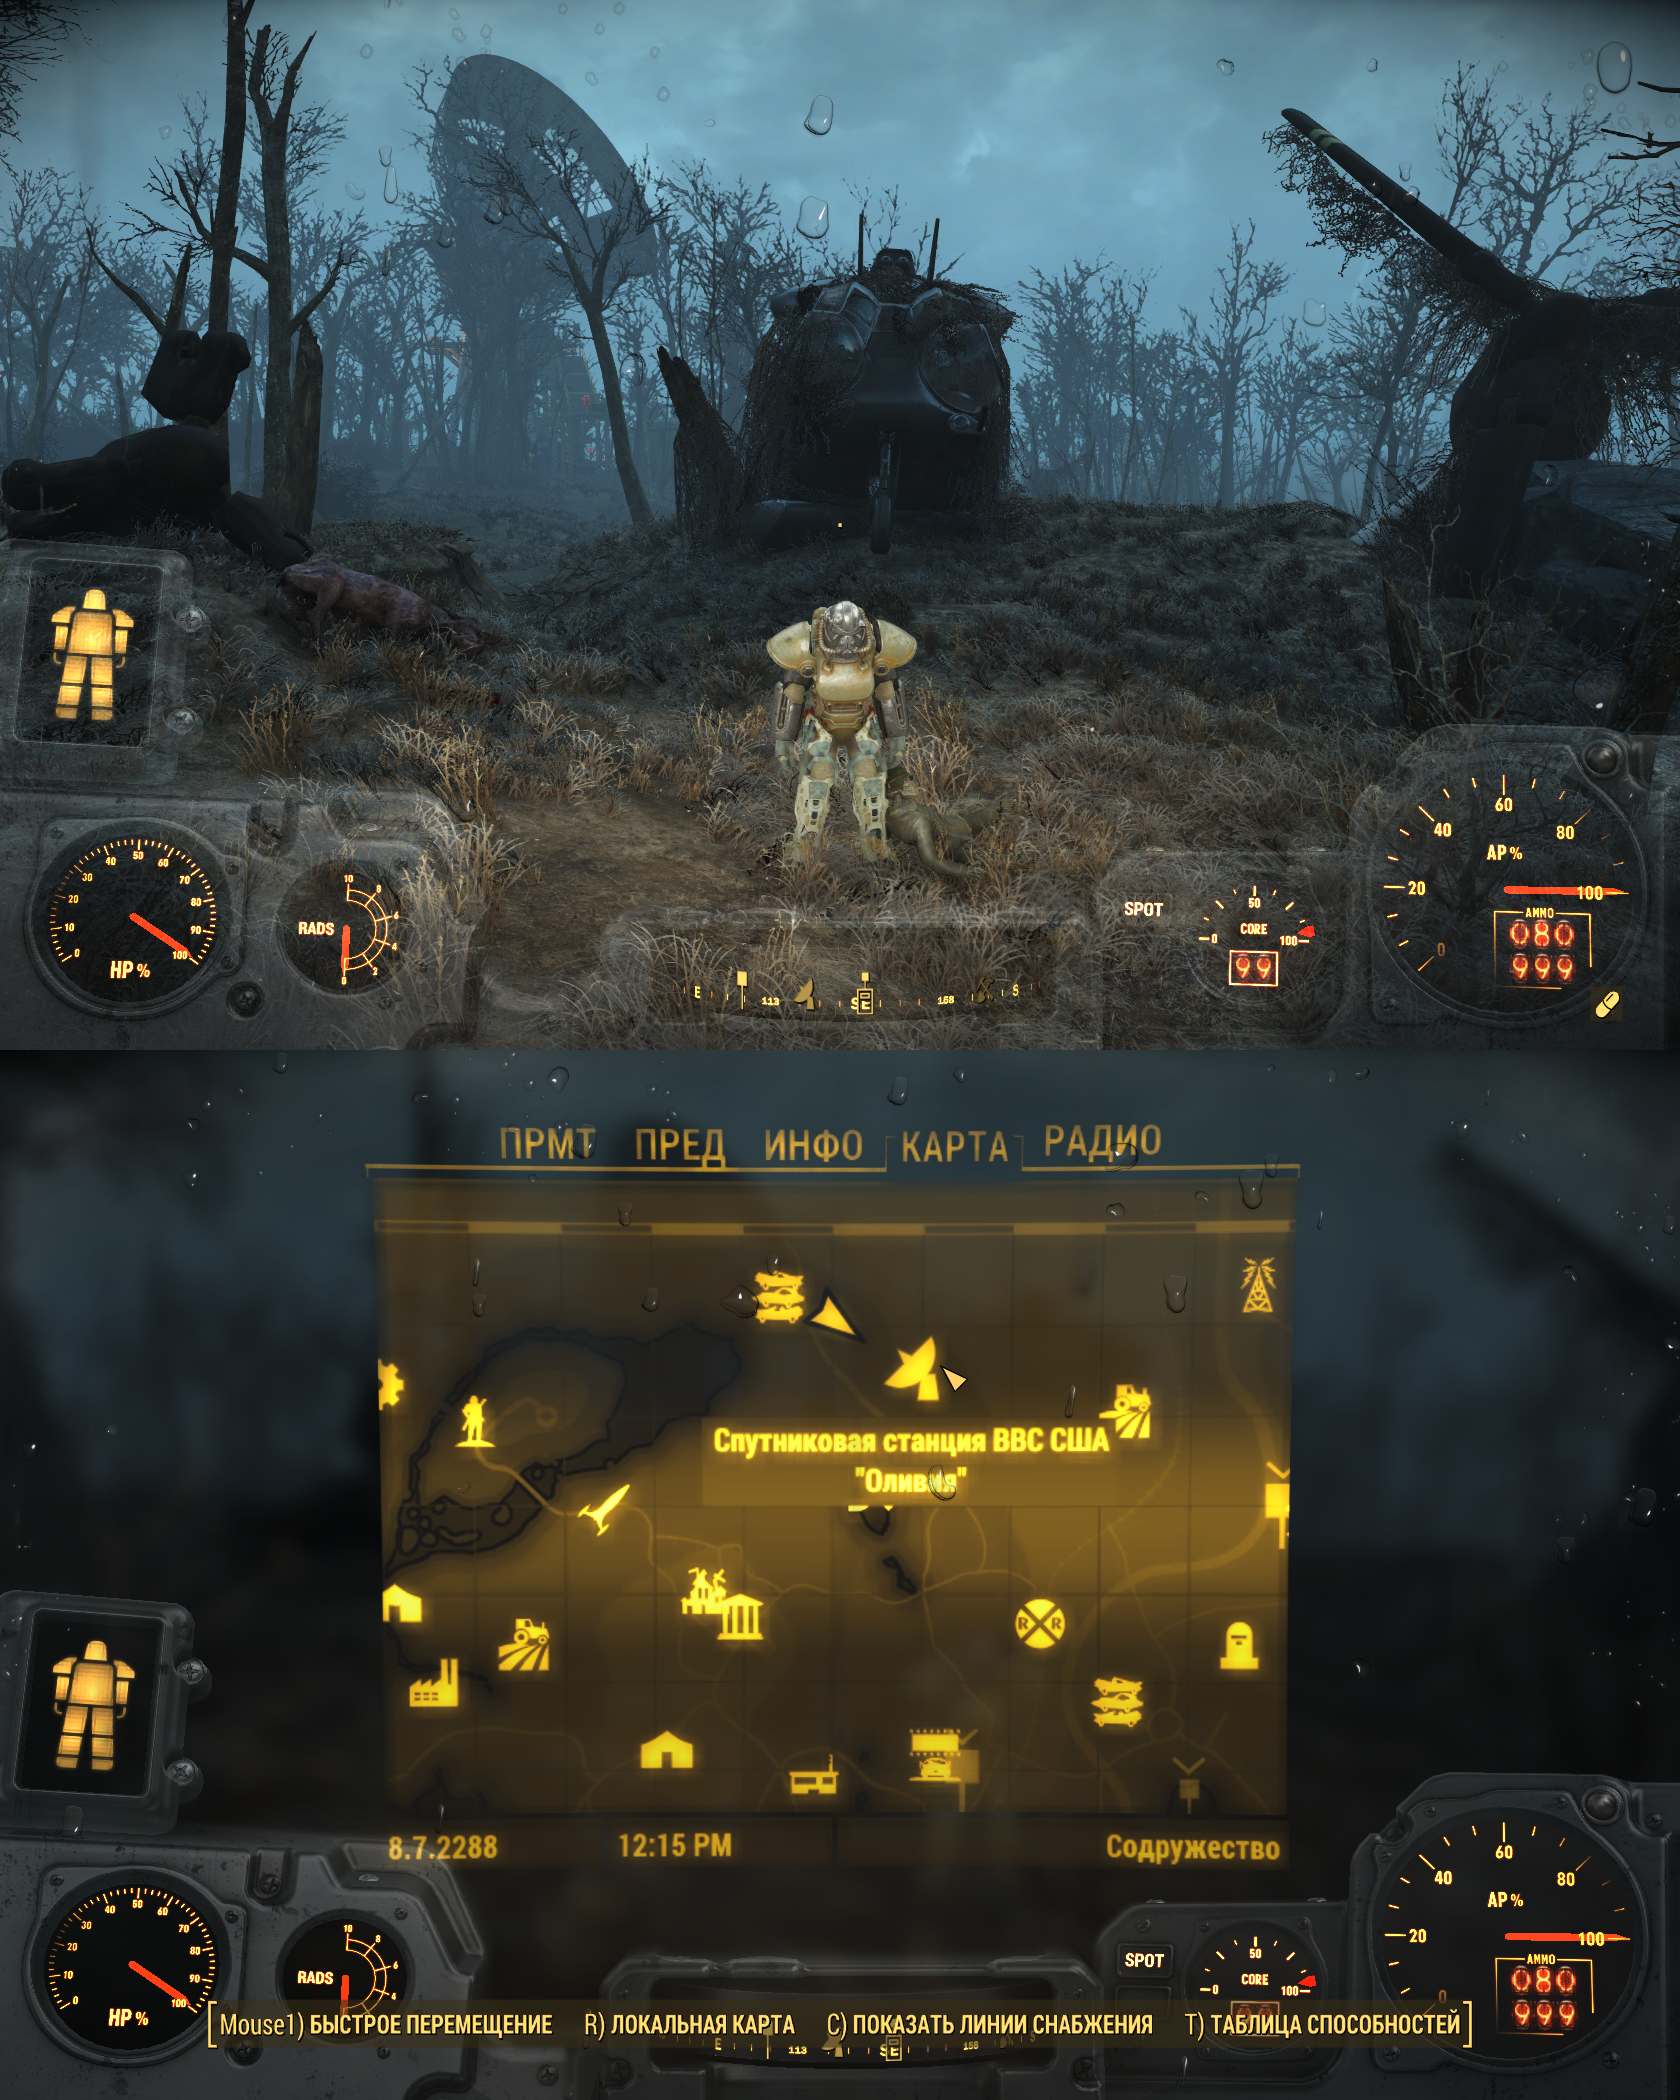 Броня (Спутниковая станция ВВС США, северо-восточнее) - Fallout 4 Броня, Локация, Силовая, Силовая броня, Спутниковая станция ВВС США